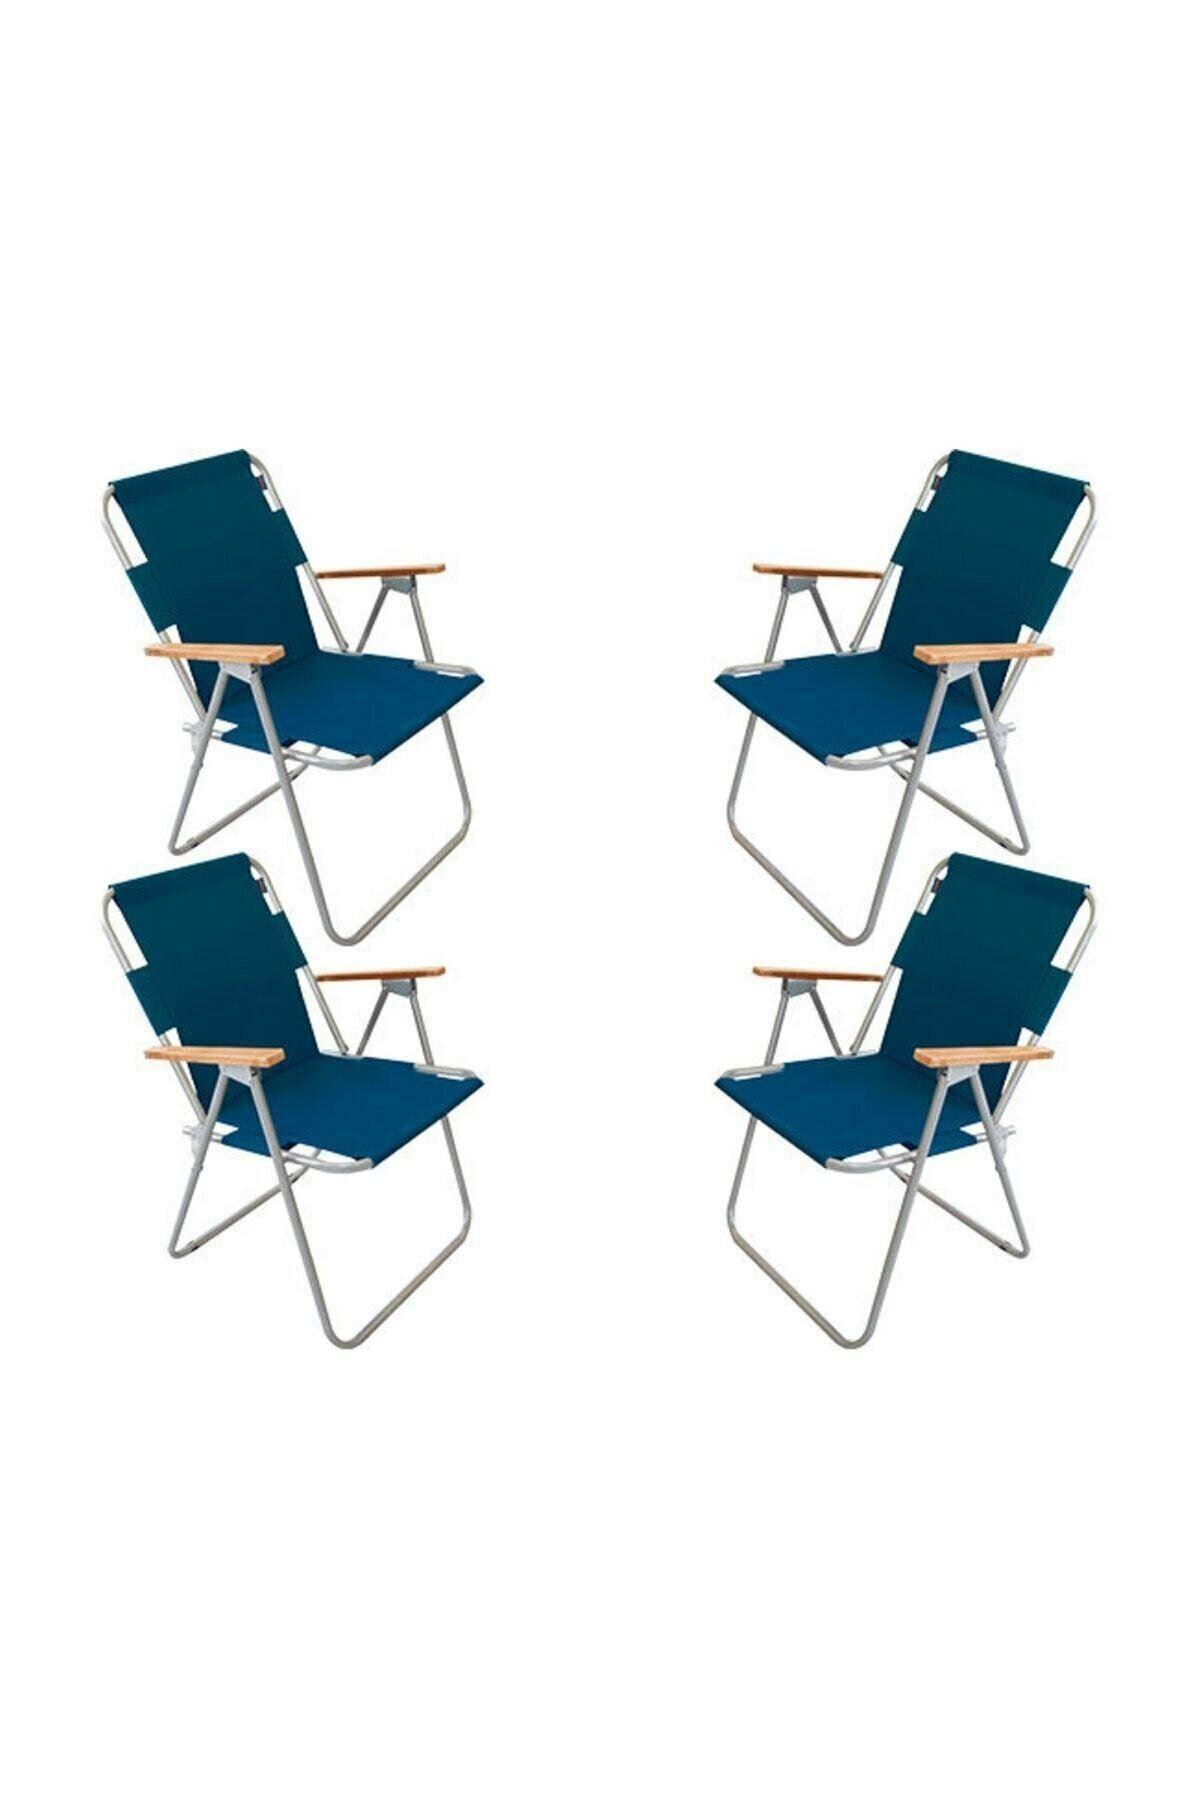 Bofigo 60x80 Pine Folding Table + 4 Pieces Folding Chair Camping Set Garden Balcony Set Blue